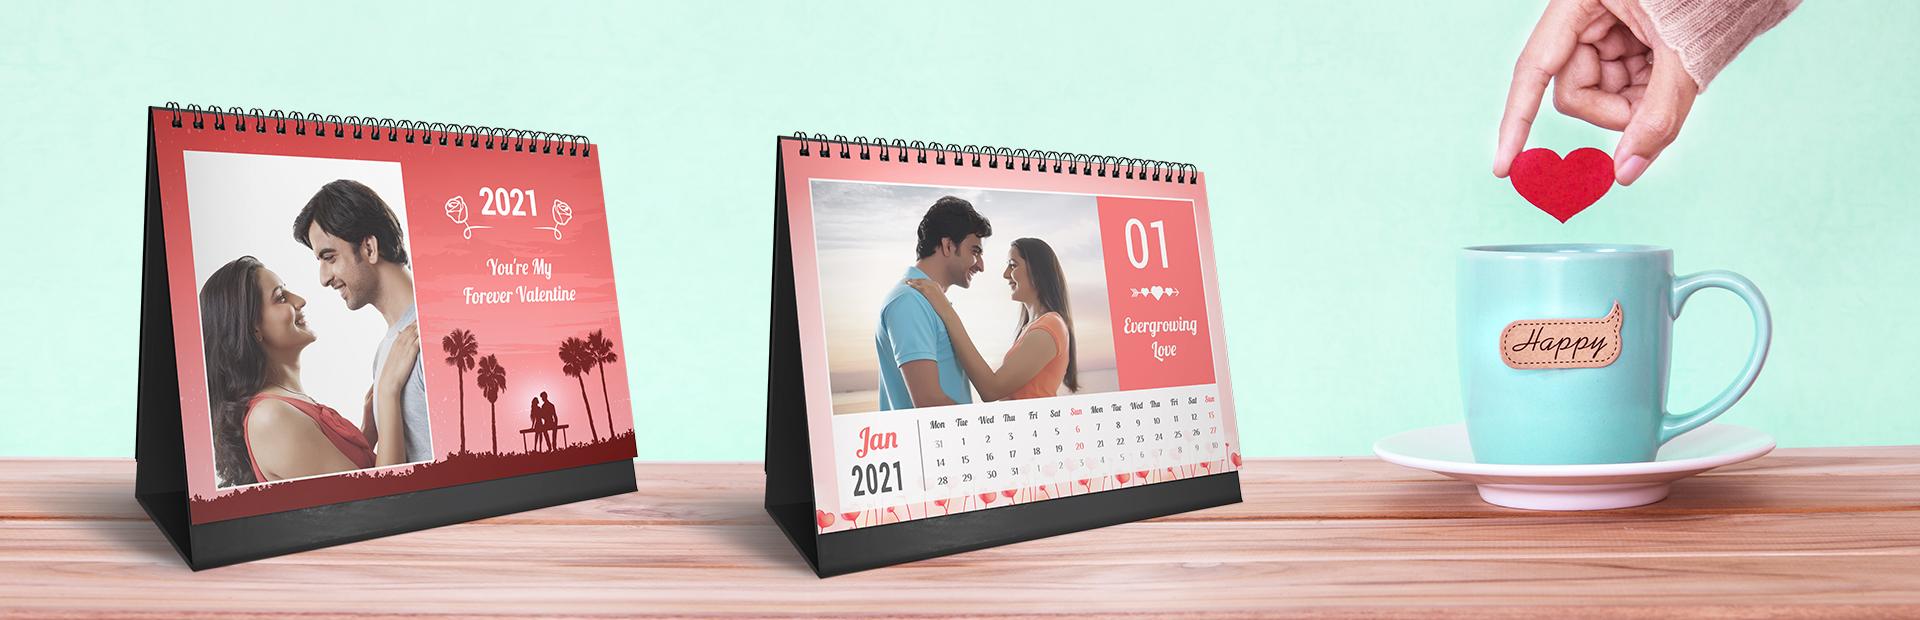 Velvety Valentine Photo Calendars Online